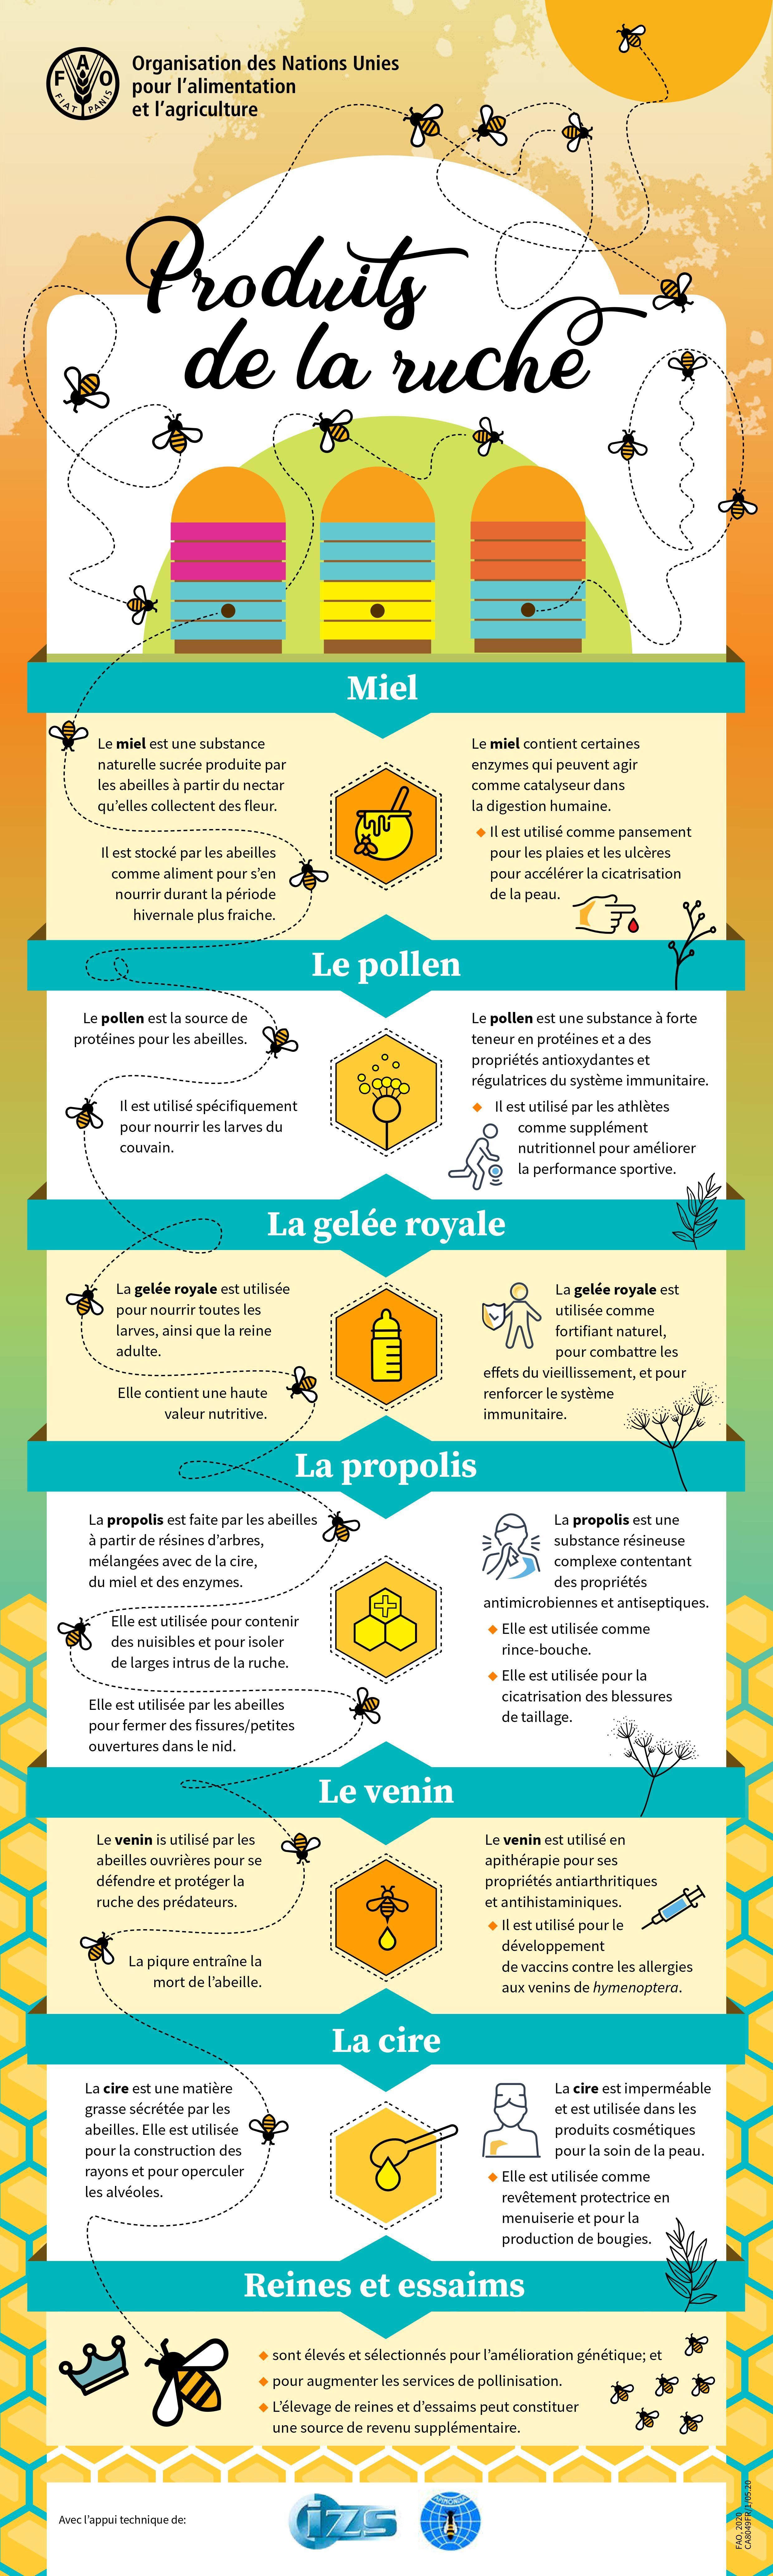 Infographie-sur-les-produits-de-la-ruche---Nappilla-blog-